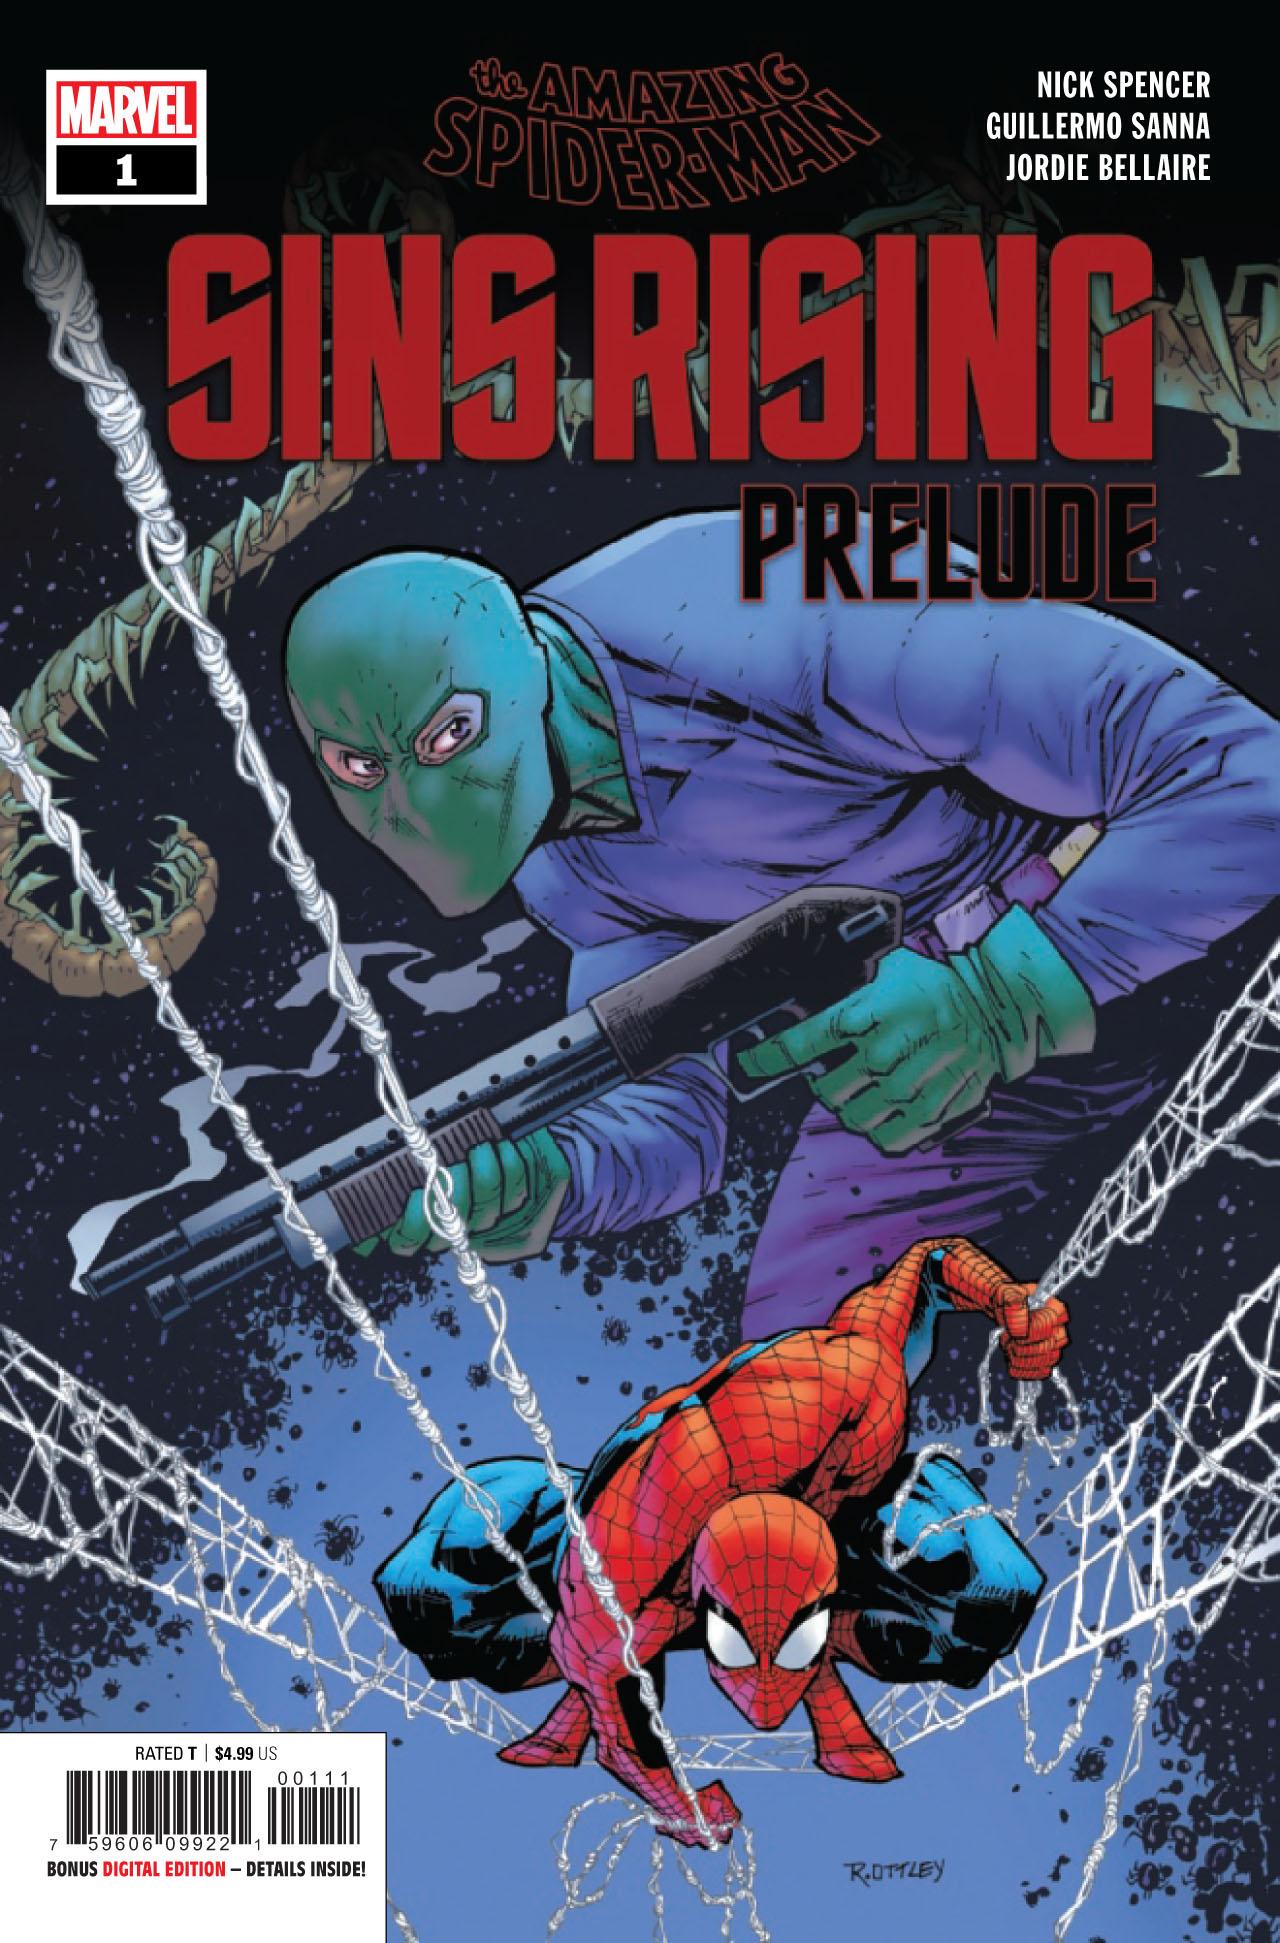 Amazing Spider-Man Sins Prelude #1a